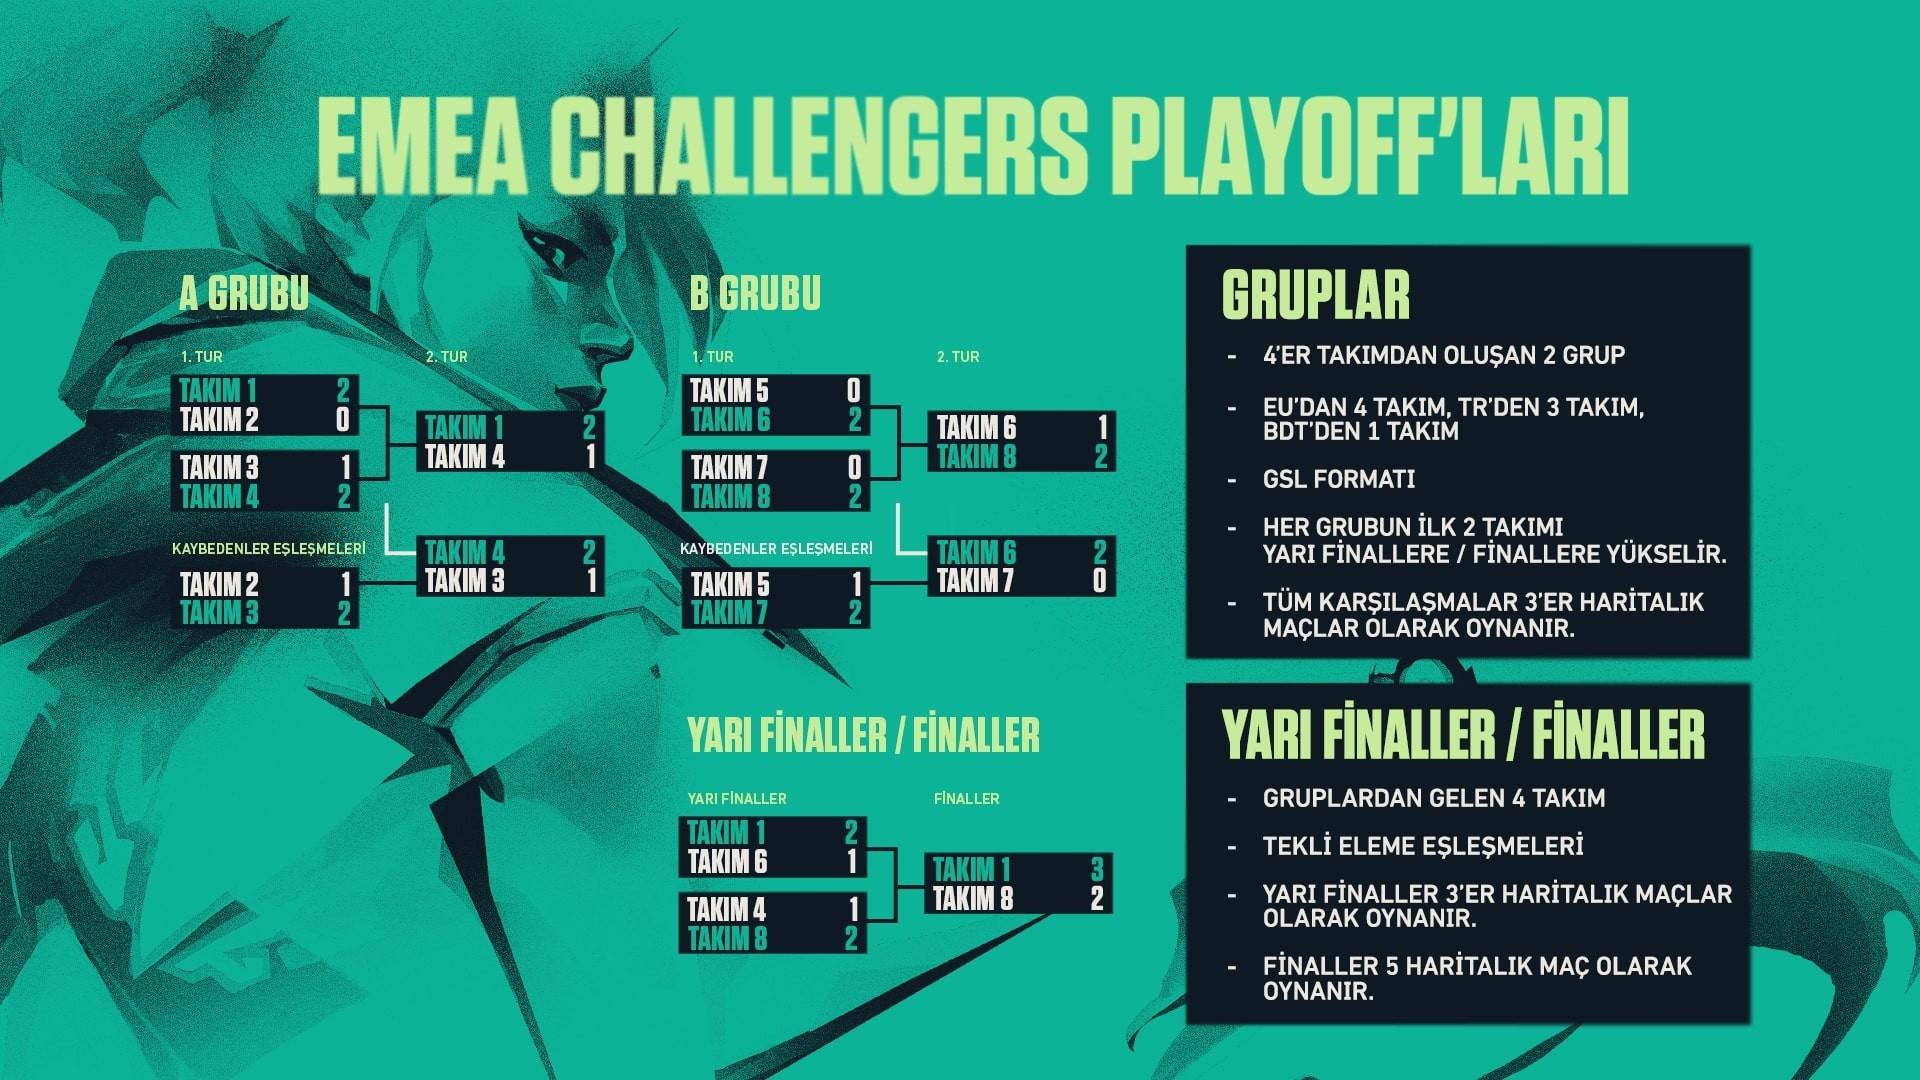 EMEA Challengers Playoff'larında GSL-tarzında gruplar ve yarı finallerden sonra tekli-eleme sistemi kullanılacak.